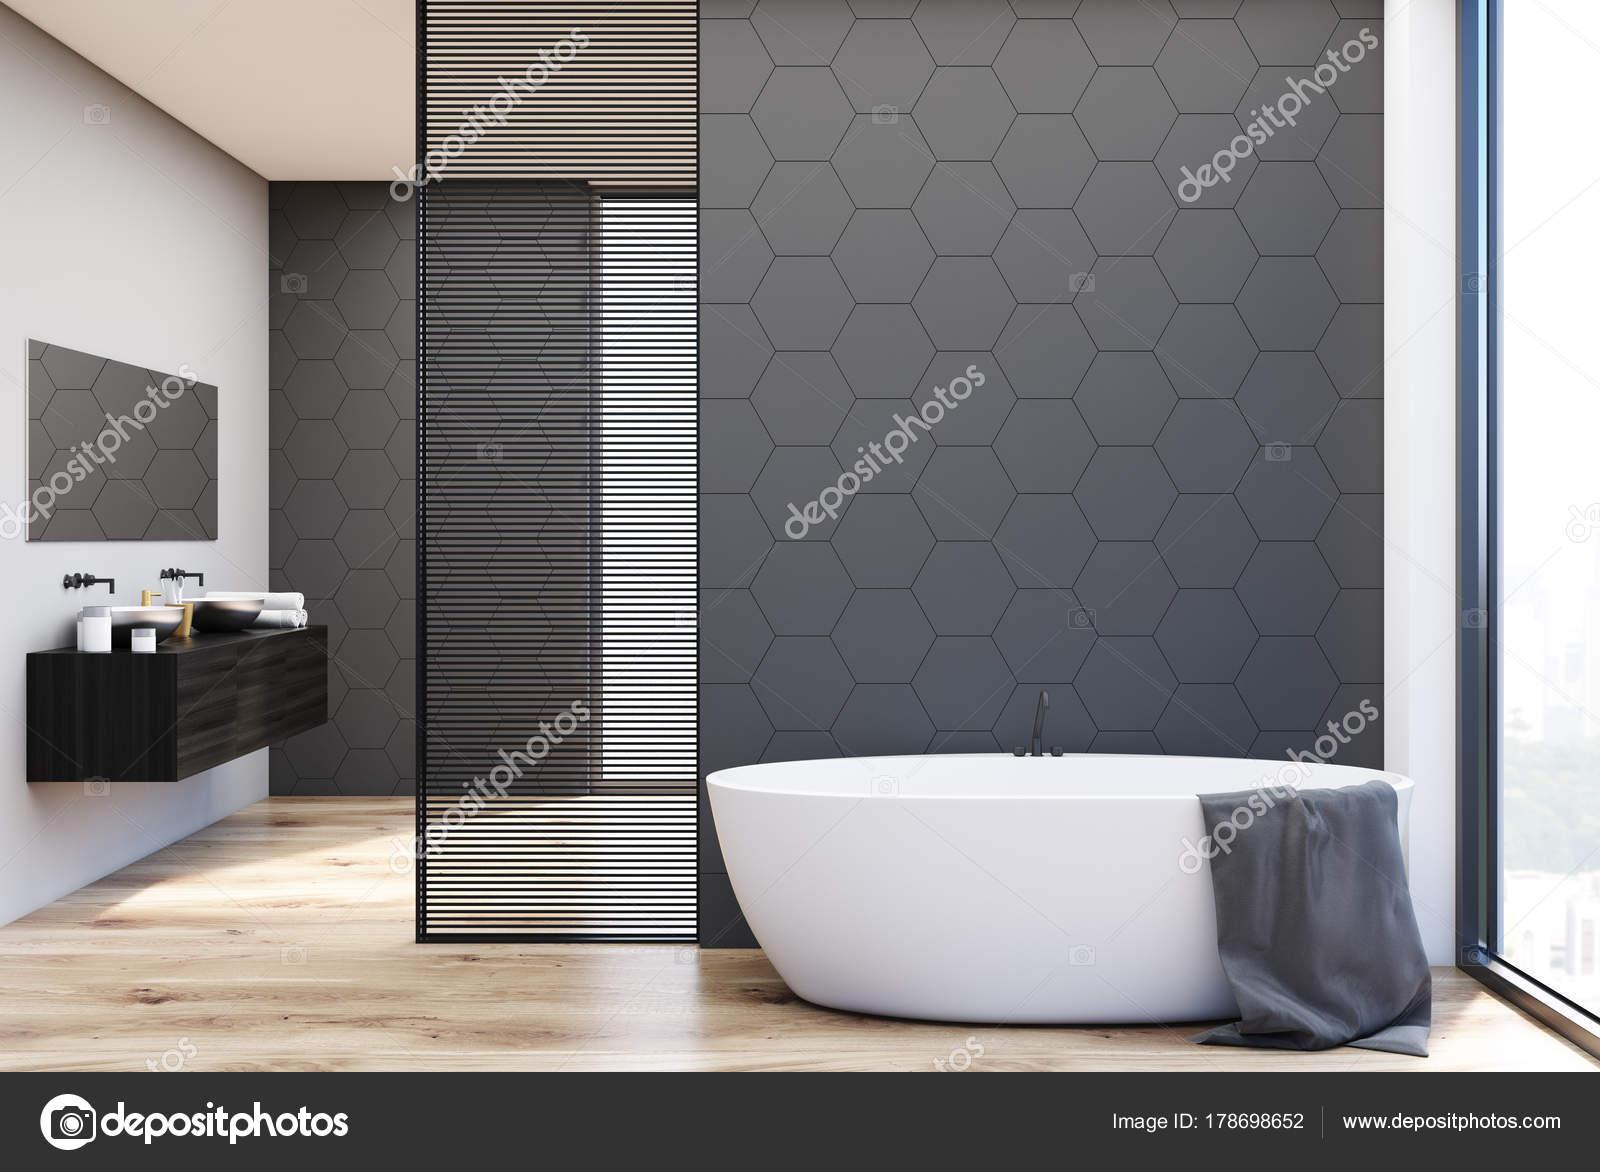 https://st3.depositphotos.com/2673929/17869/i/1600/depositphotos_178698652-stockafbeelding-grijze-tegels-badkamer-badkuip-en.jpg